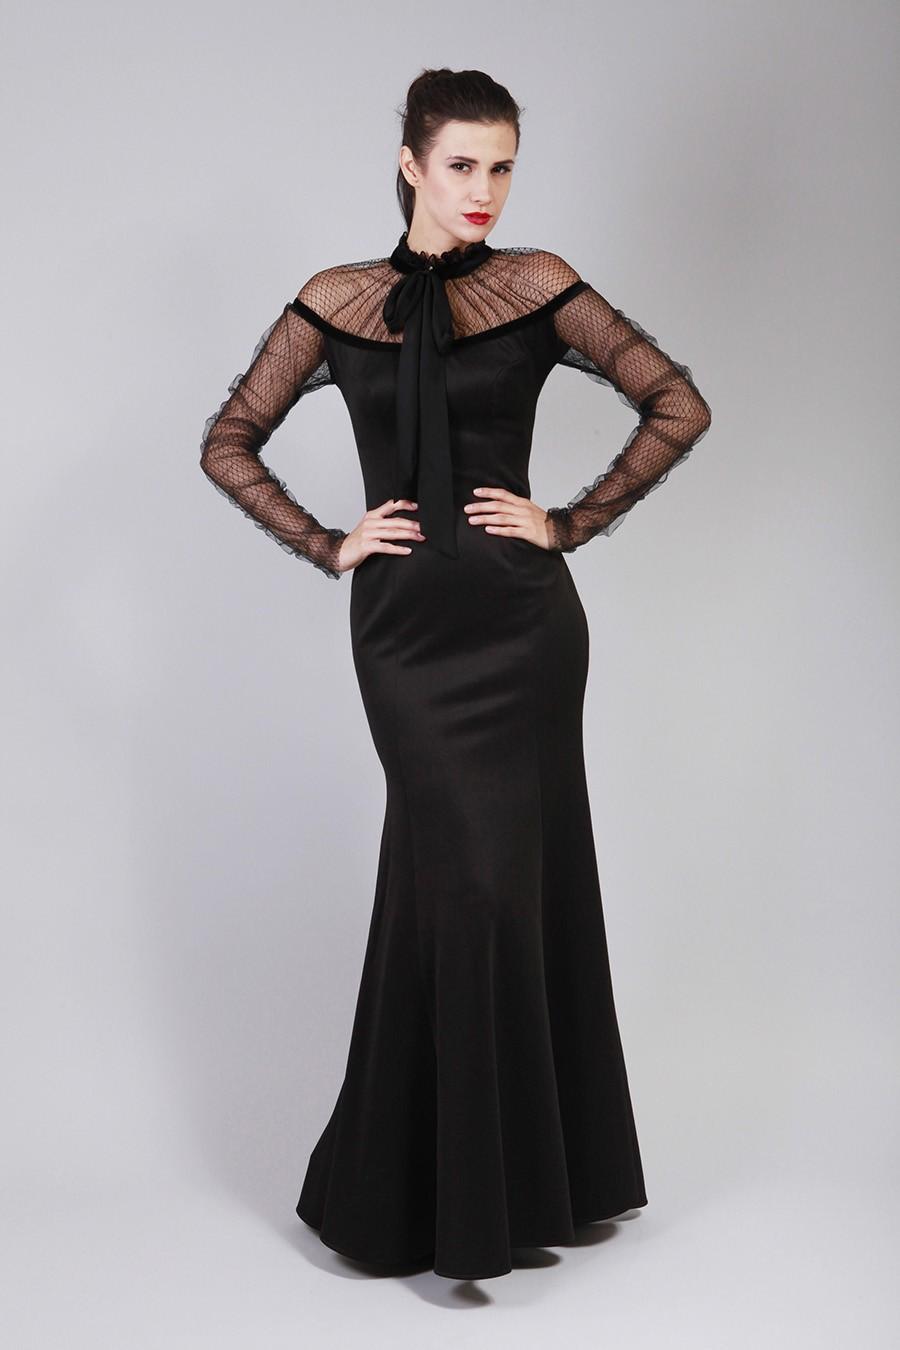 d437a9c560baf فساتين طويلة 2014 – 9 – Arab Fashion